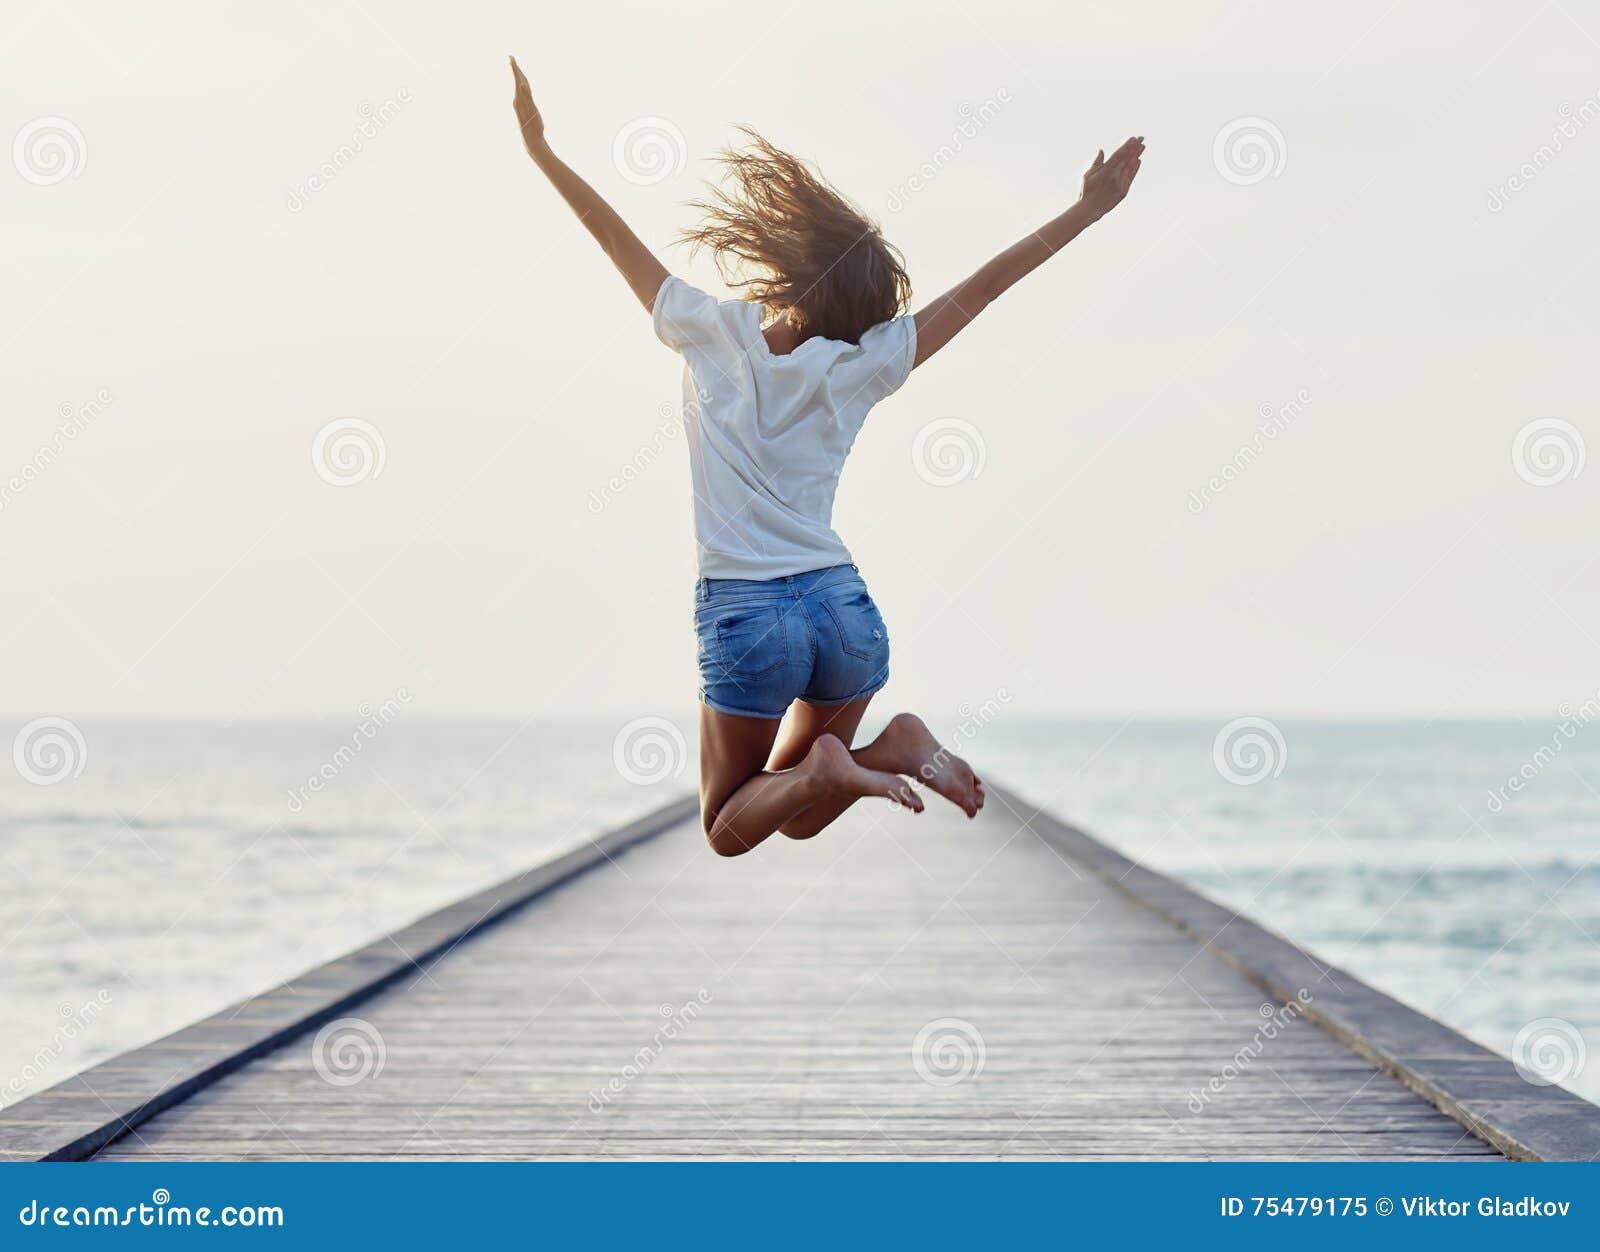 Πίσω άποψη του πηδώντας κοριτσιού στην αποβάθρα